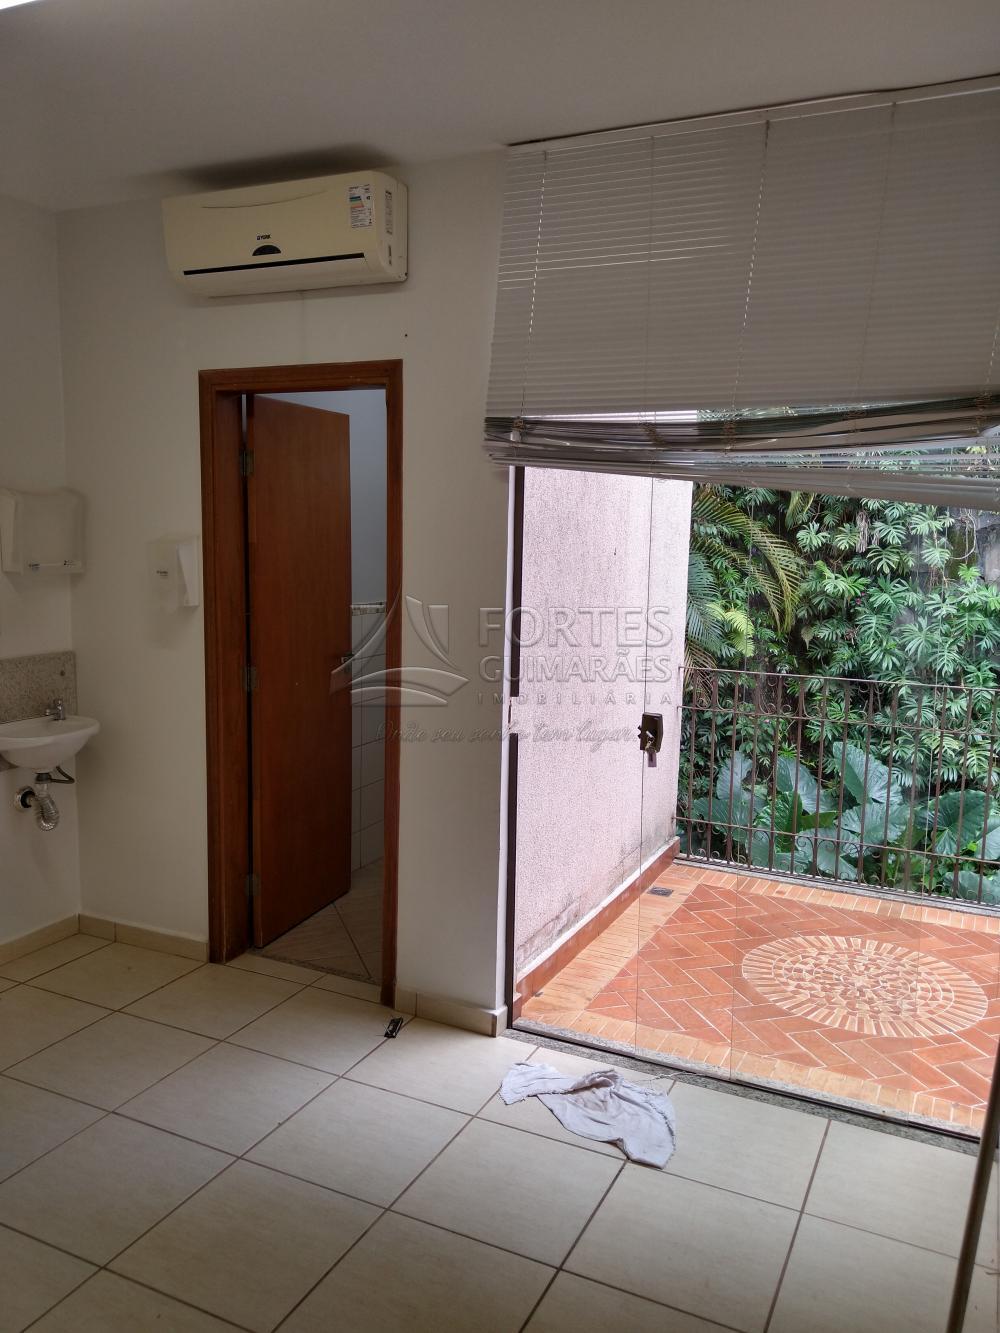 Alugar Comercial / Imóvel Comercial em Ribeirão Preto apenas R$ 12.000,00 - Foto 60